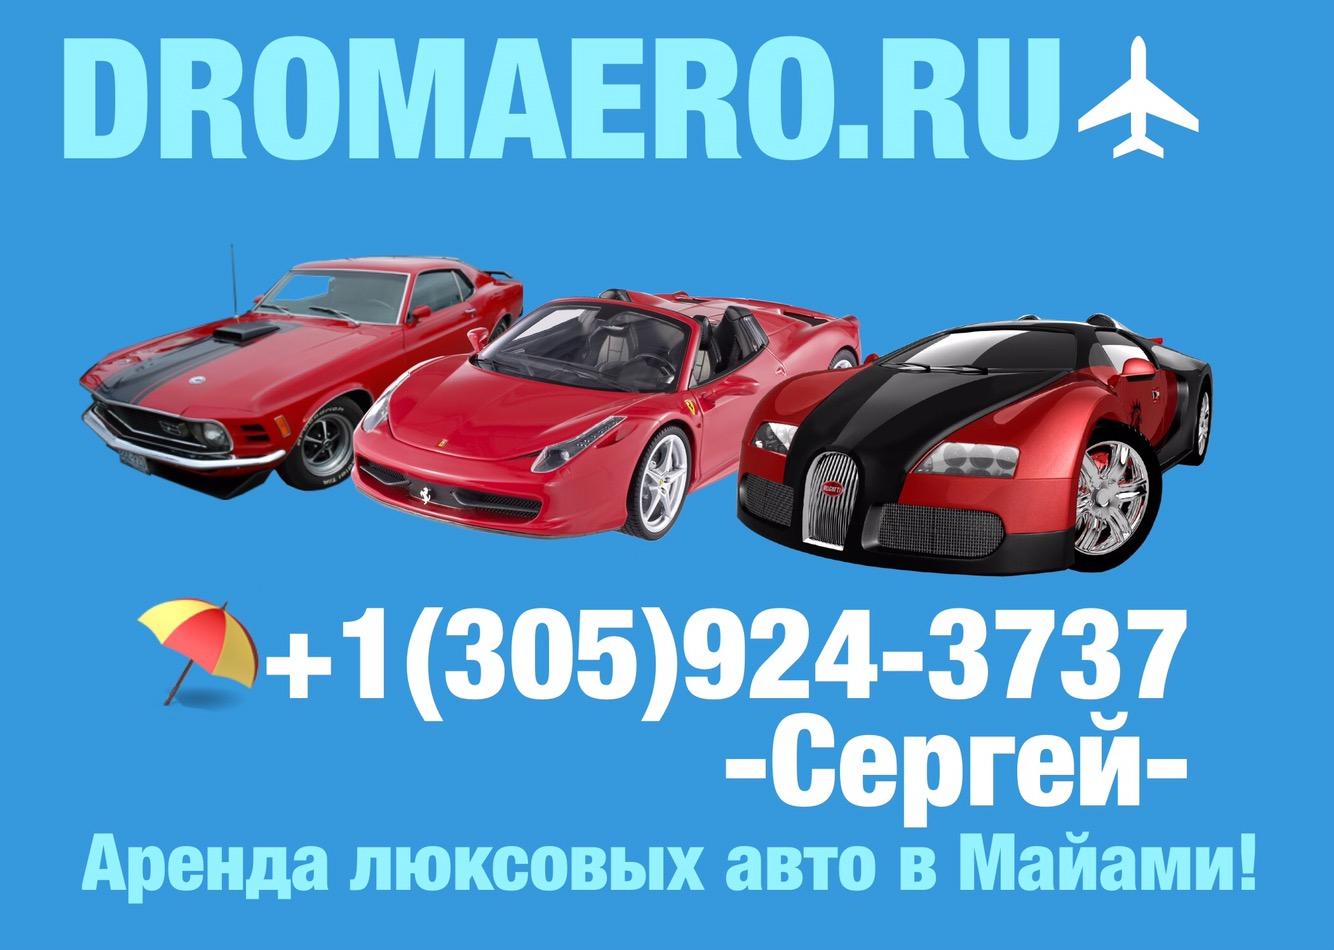 Аренда люксовых авто Майами